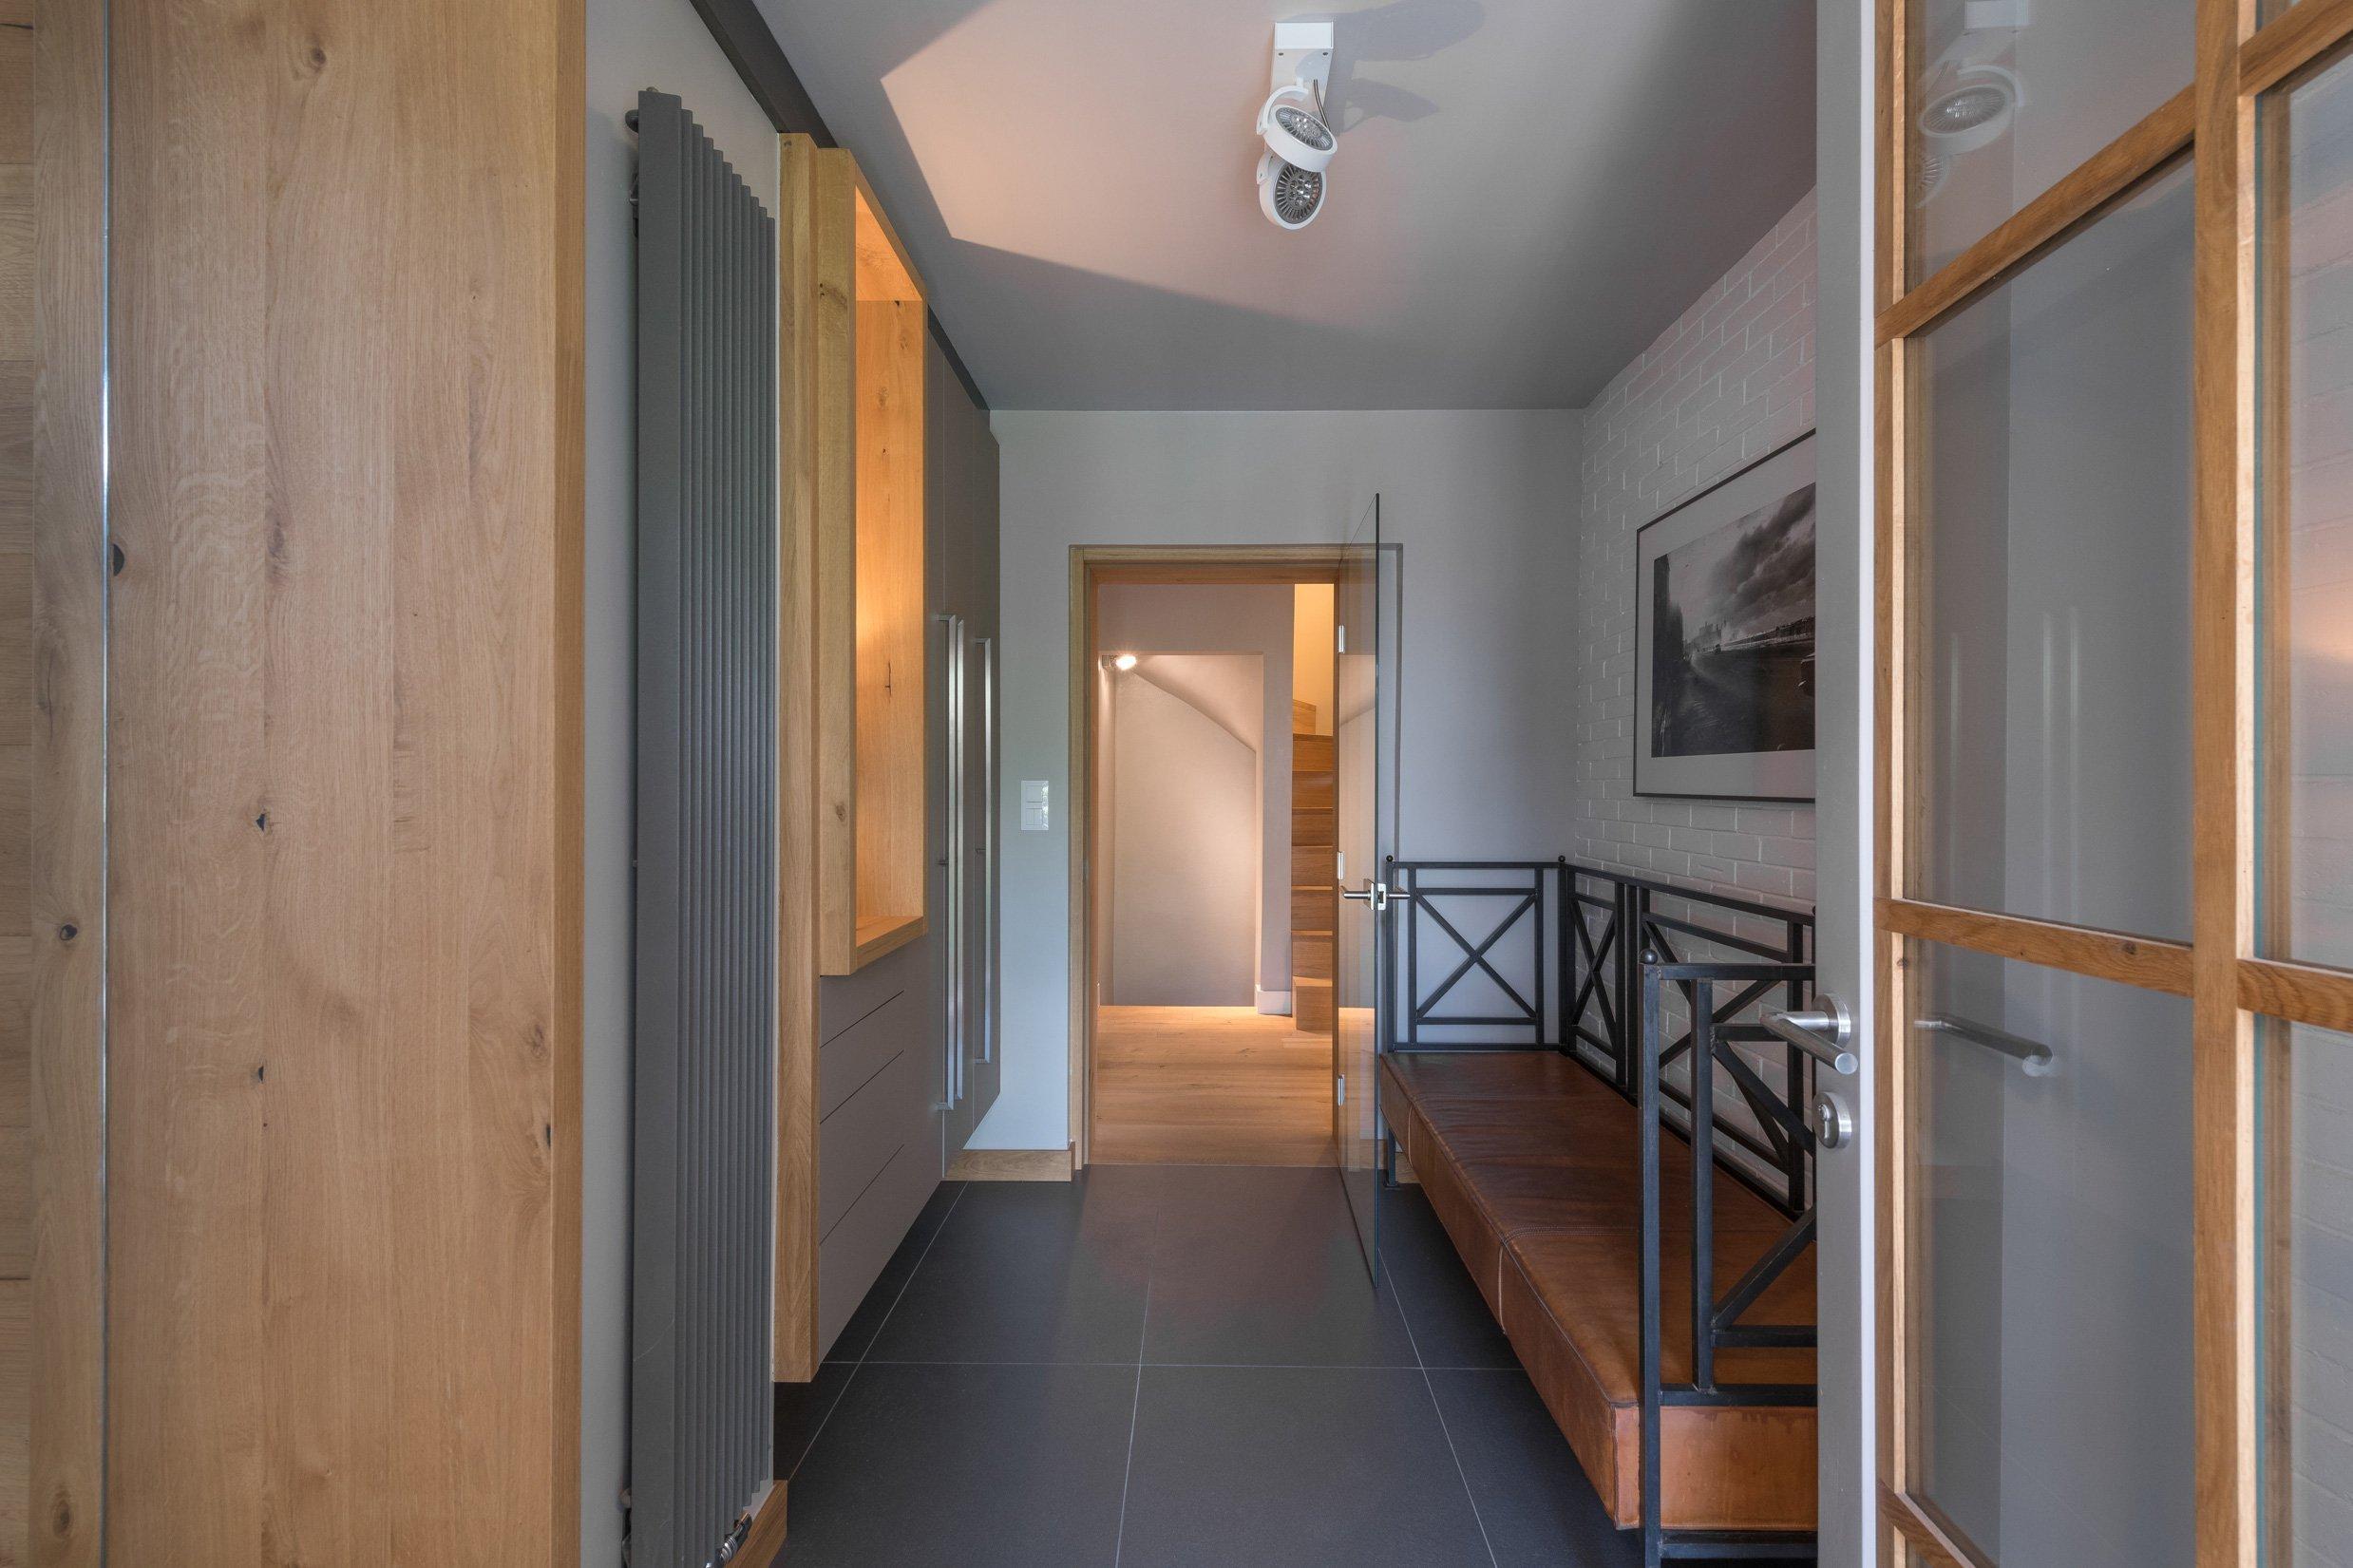 Starý dům svou velikostí nemohl splnit požadavky klientů, neumožnil ani vytvoření velkého obytného prostoru. Při rekonstrukci zde byla vybudována soukromá zóna…